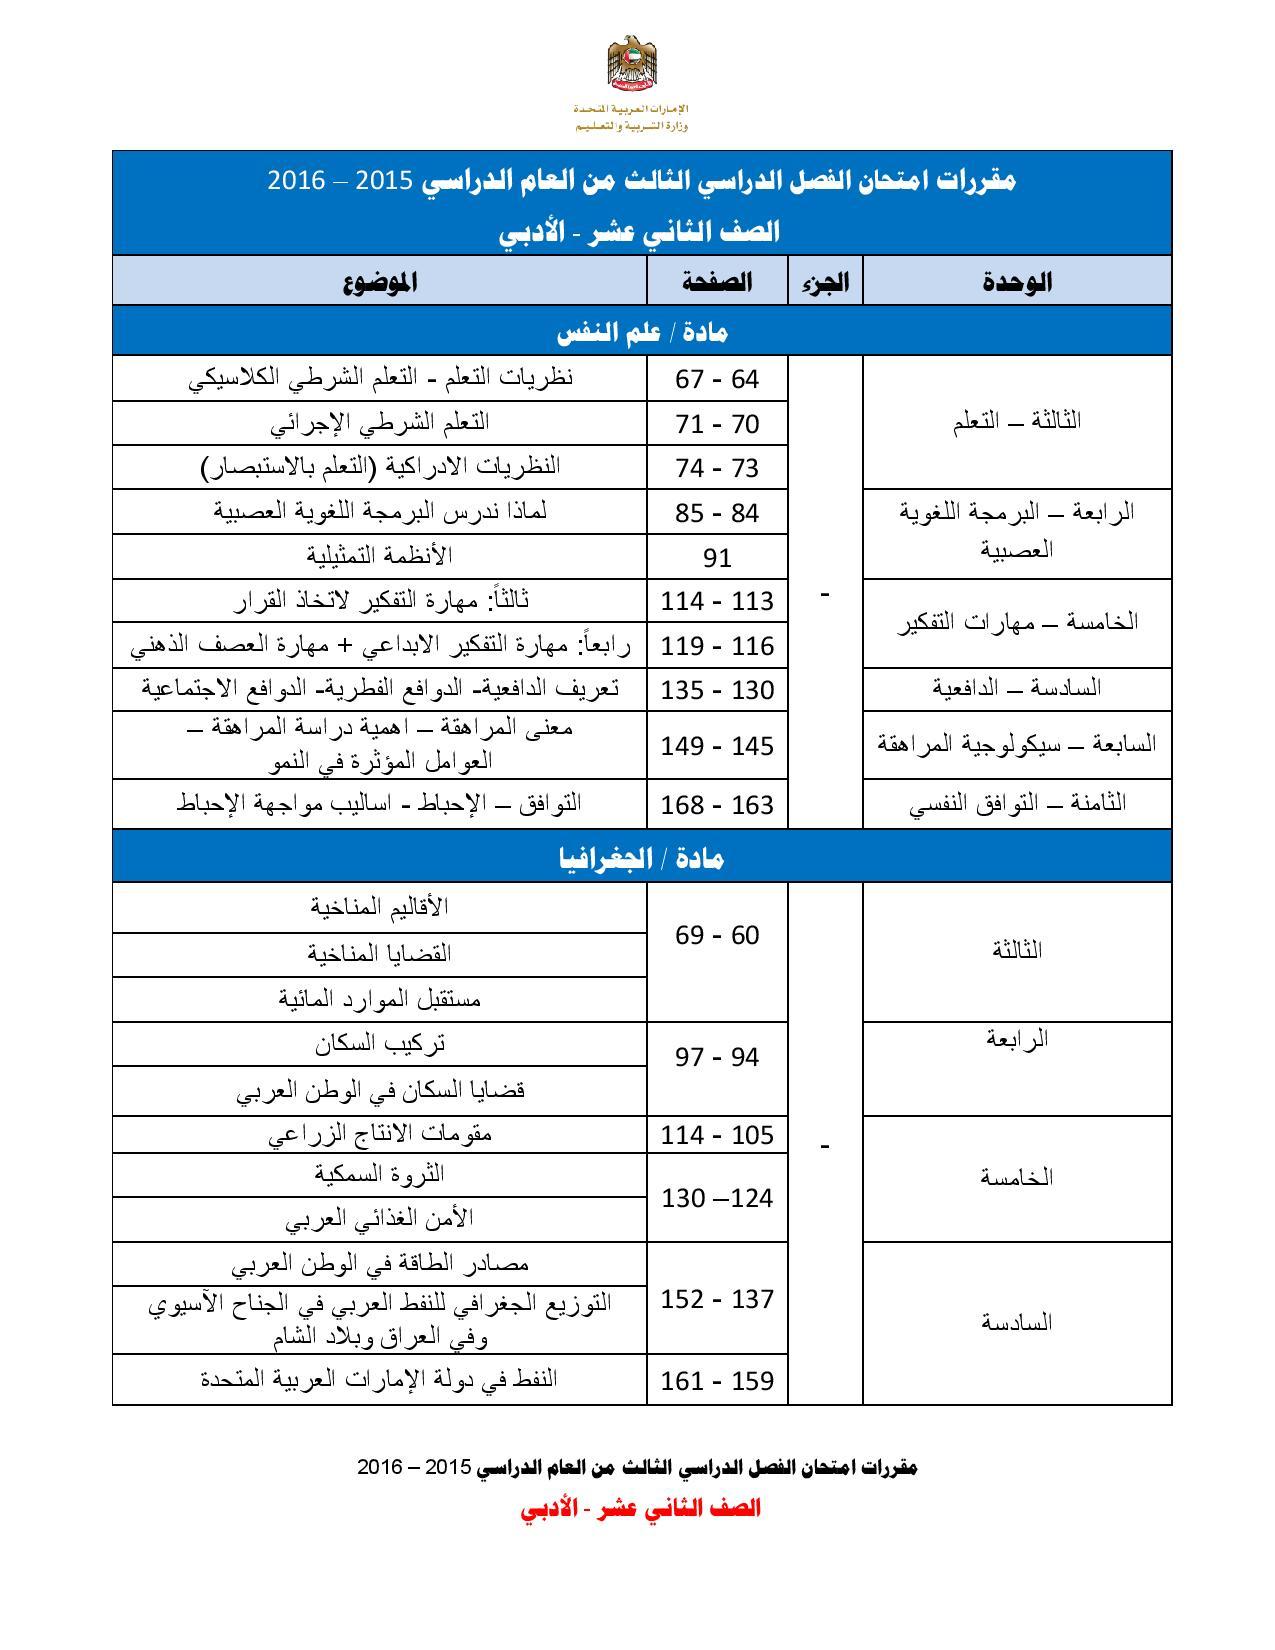 مقررات امتحانات الصف الثانى عشر ادبى للفصل الثالث 2016 (3)